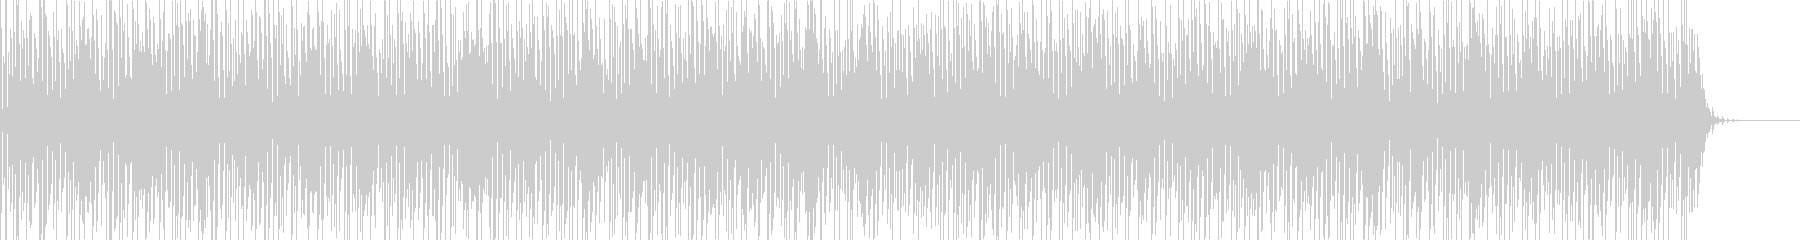 実用的シンセの無機質アンビエントBGM7の未再生の波形